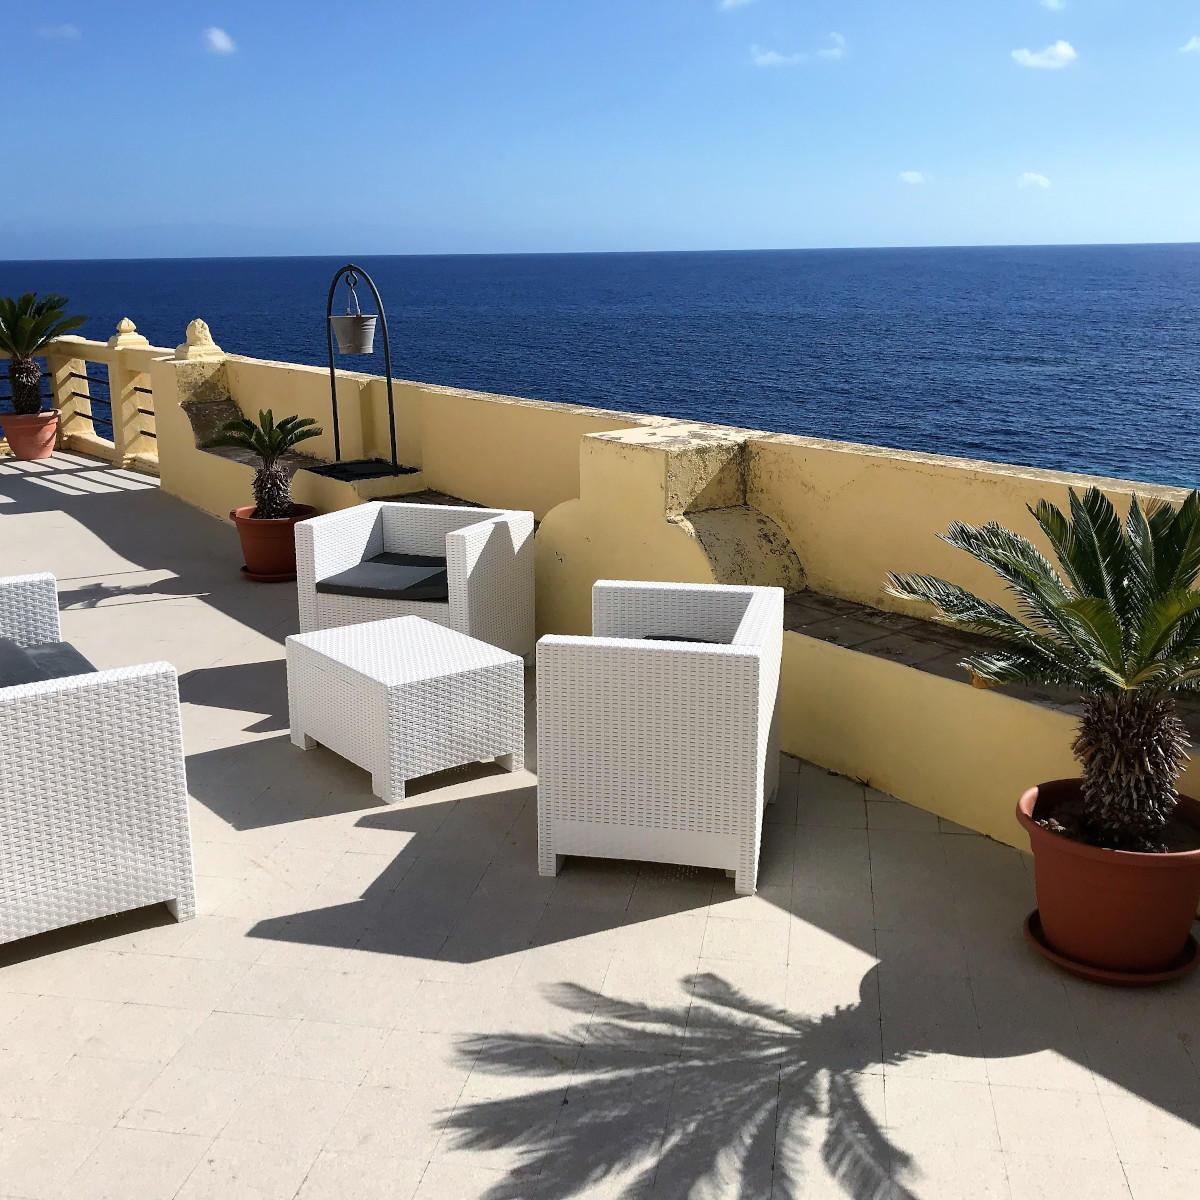 Ariana_Hotel_Isole_Eolie_UNA_Esperienze_terrace